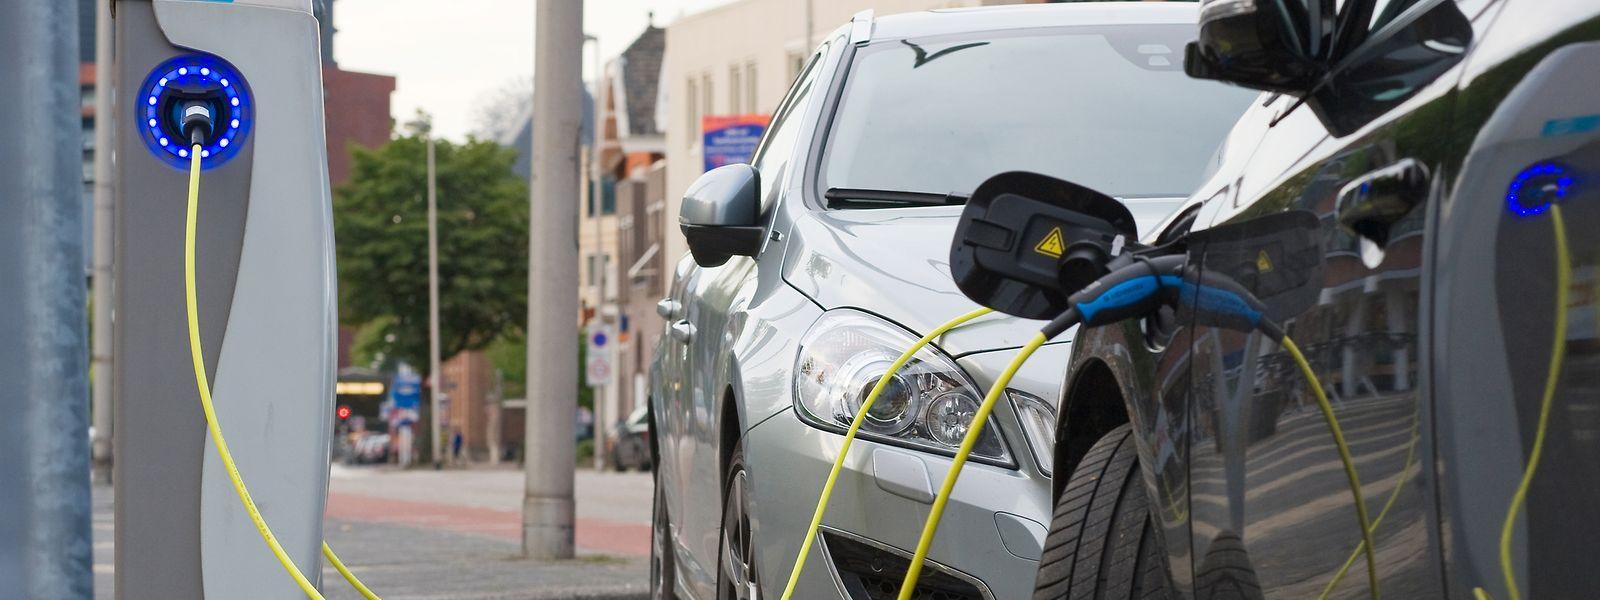 Sollen ab 2025 nur noch Elektrofahrzeuge in Luxemburg zugelassen werden? Auf keinen Fall, sagen fast 80 Prozent der Befragten im Politmonitor.